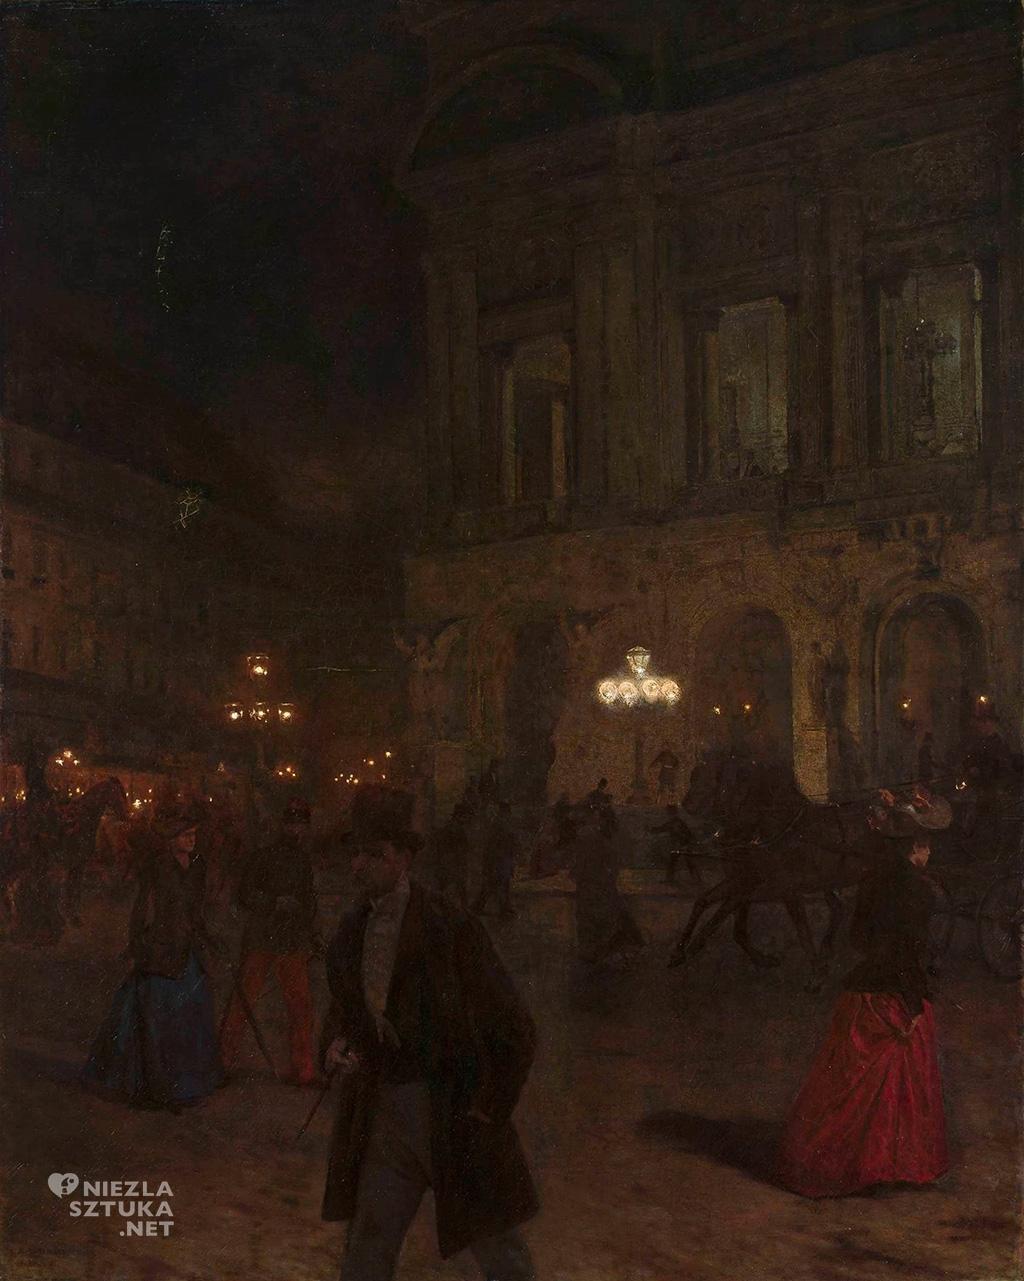 Aleksander Gierymski, Opera paryska w nocy, 1891